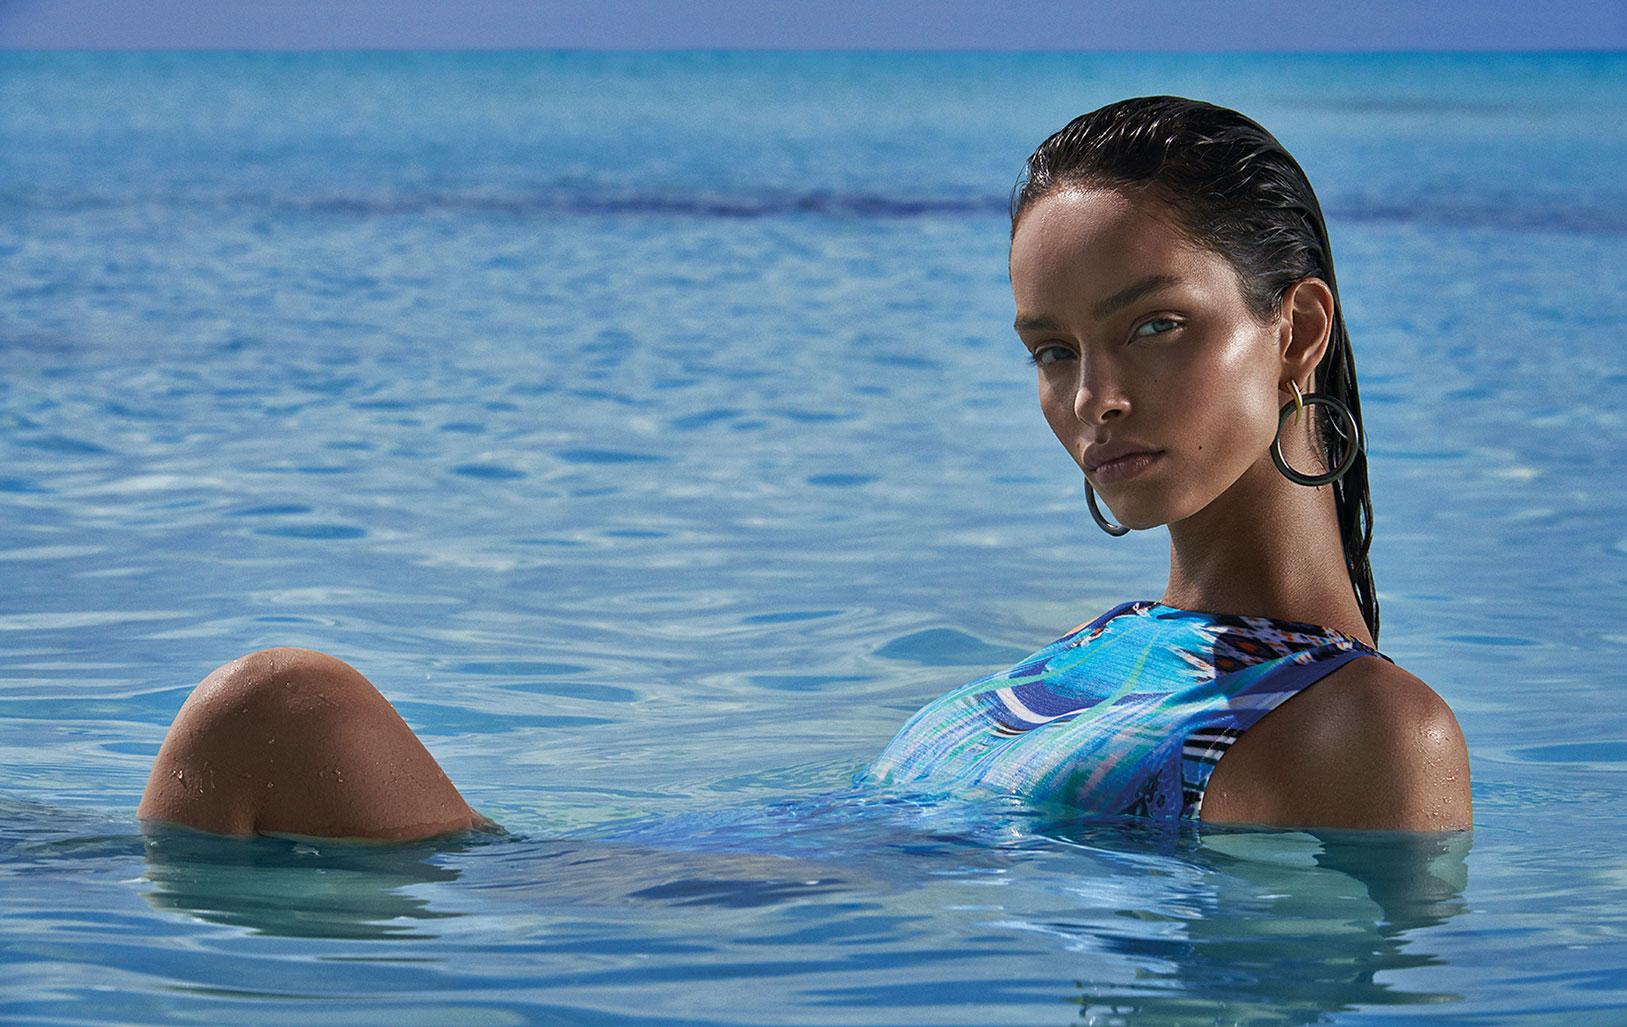 Лума Гроте в купальниках и пляжной одежде модного бренда Cia Maritima / фото 07